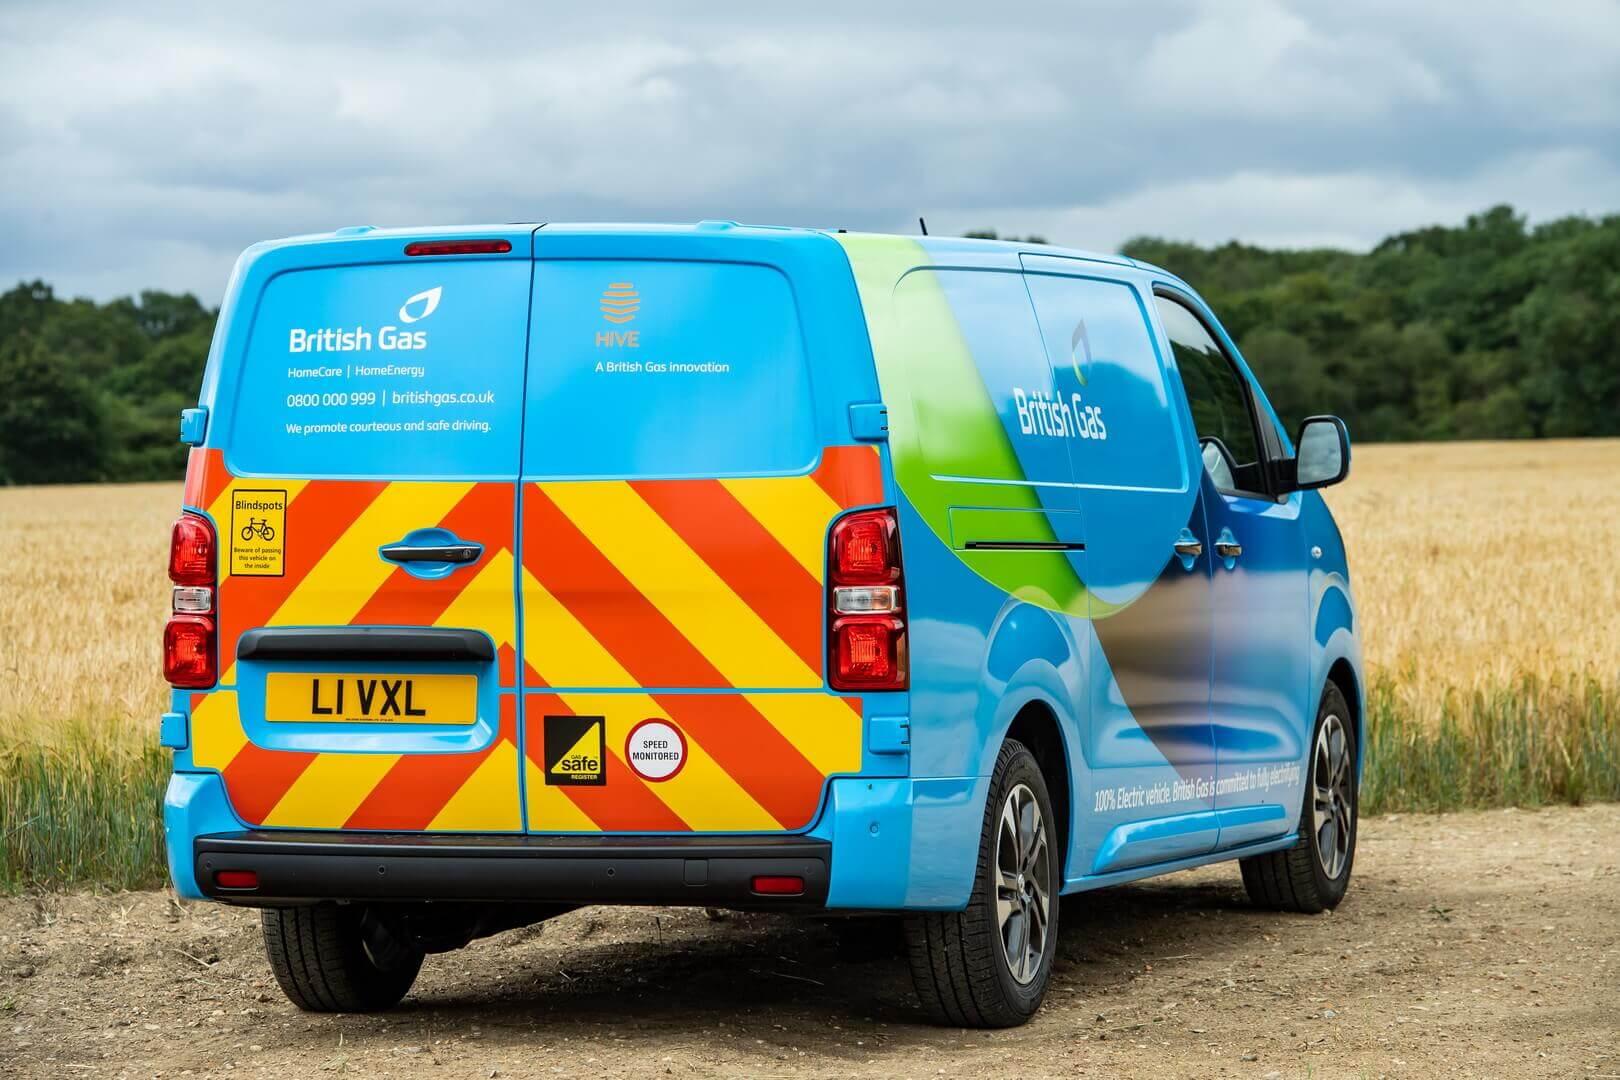 British Gas делает крупнейший заказ накоммерческие электромобили вВеликобритании иобязуется ускорить электрификацию своего парка